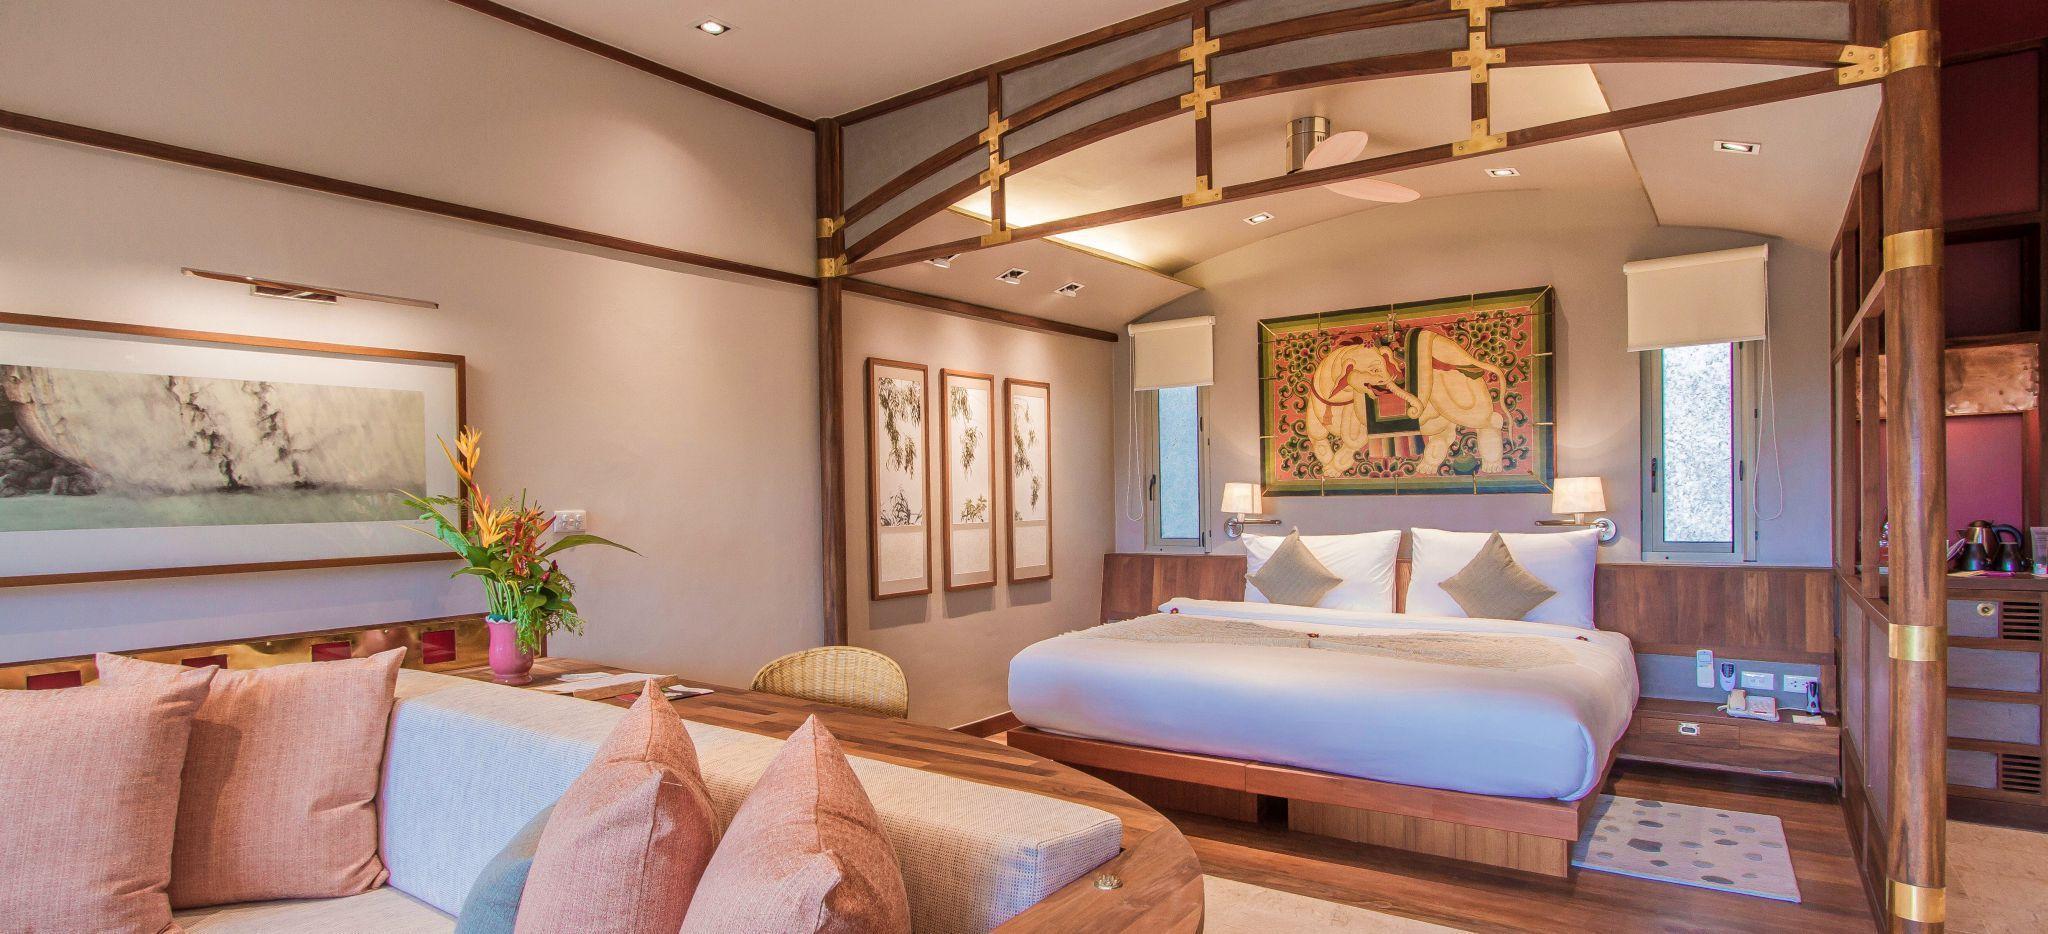 Schlafzimmer in Pastellfarben im Hotel Kamalaya, Thailand